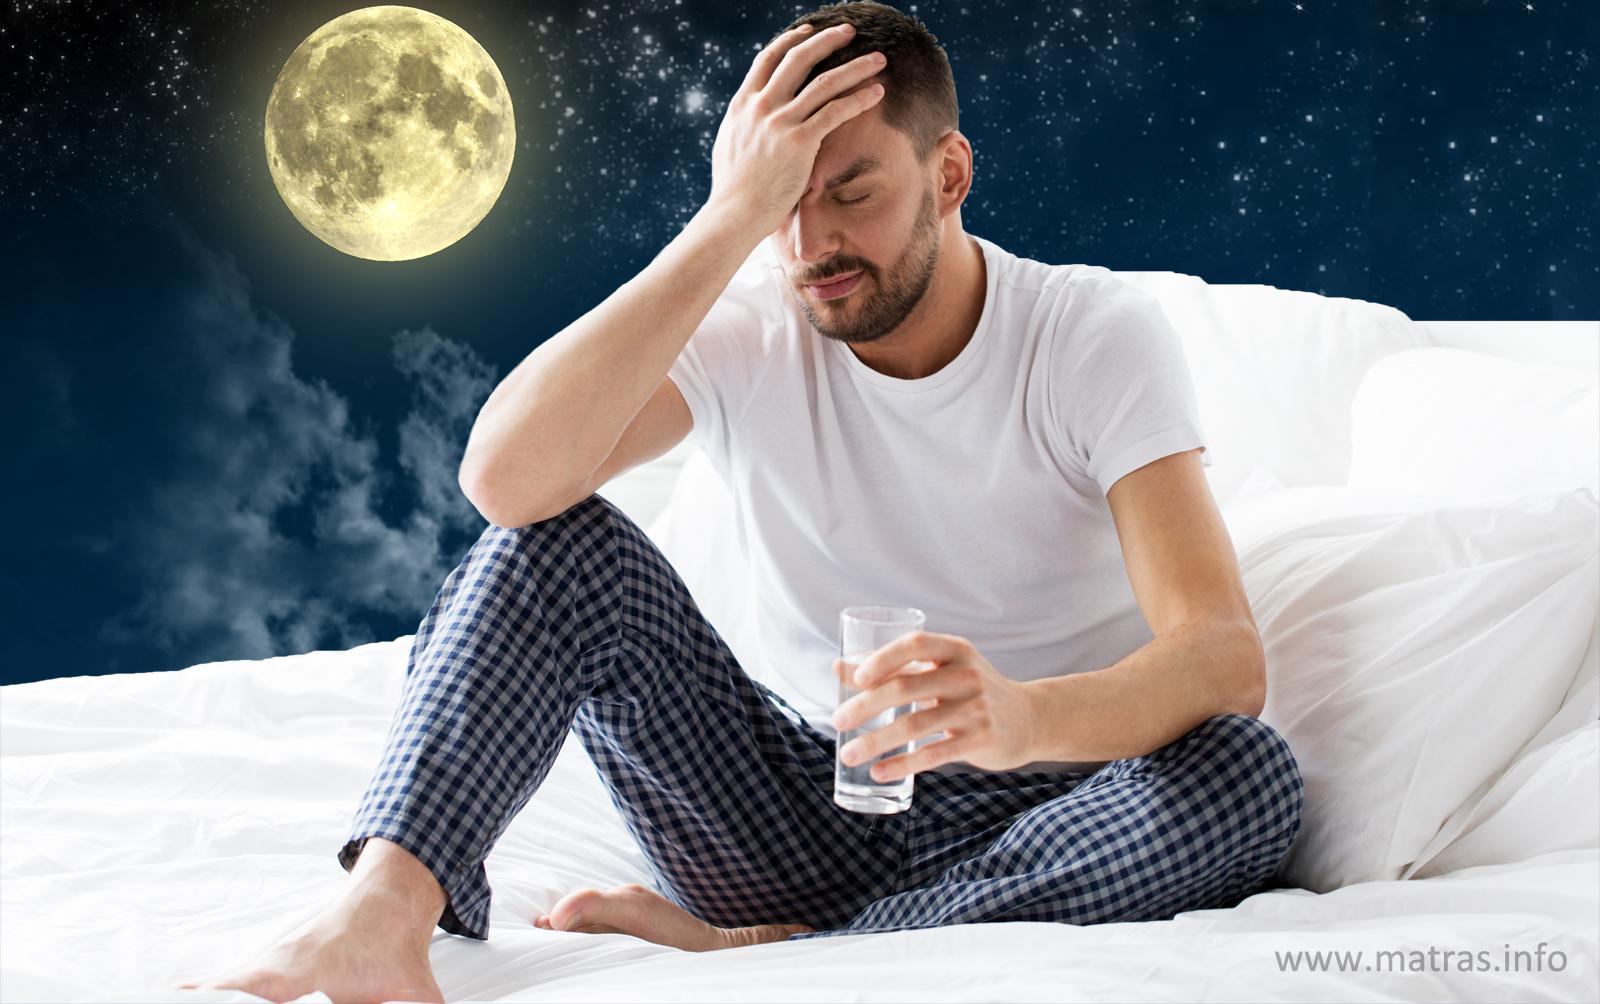 Slaapproblemen door een slechte nachtrust